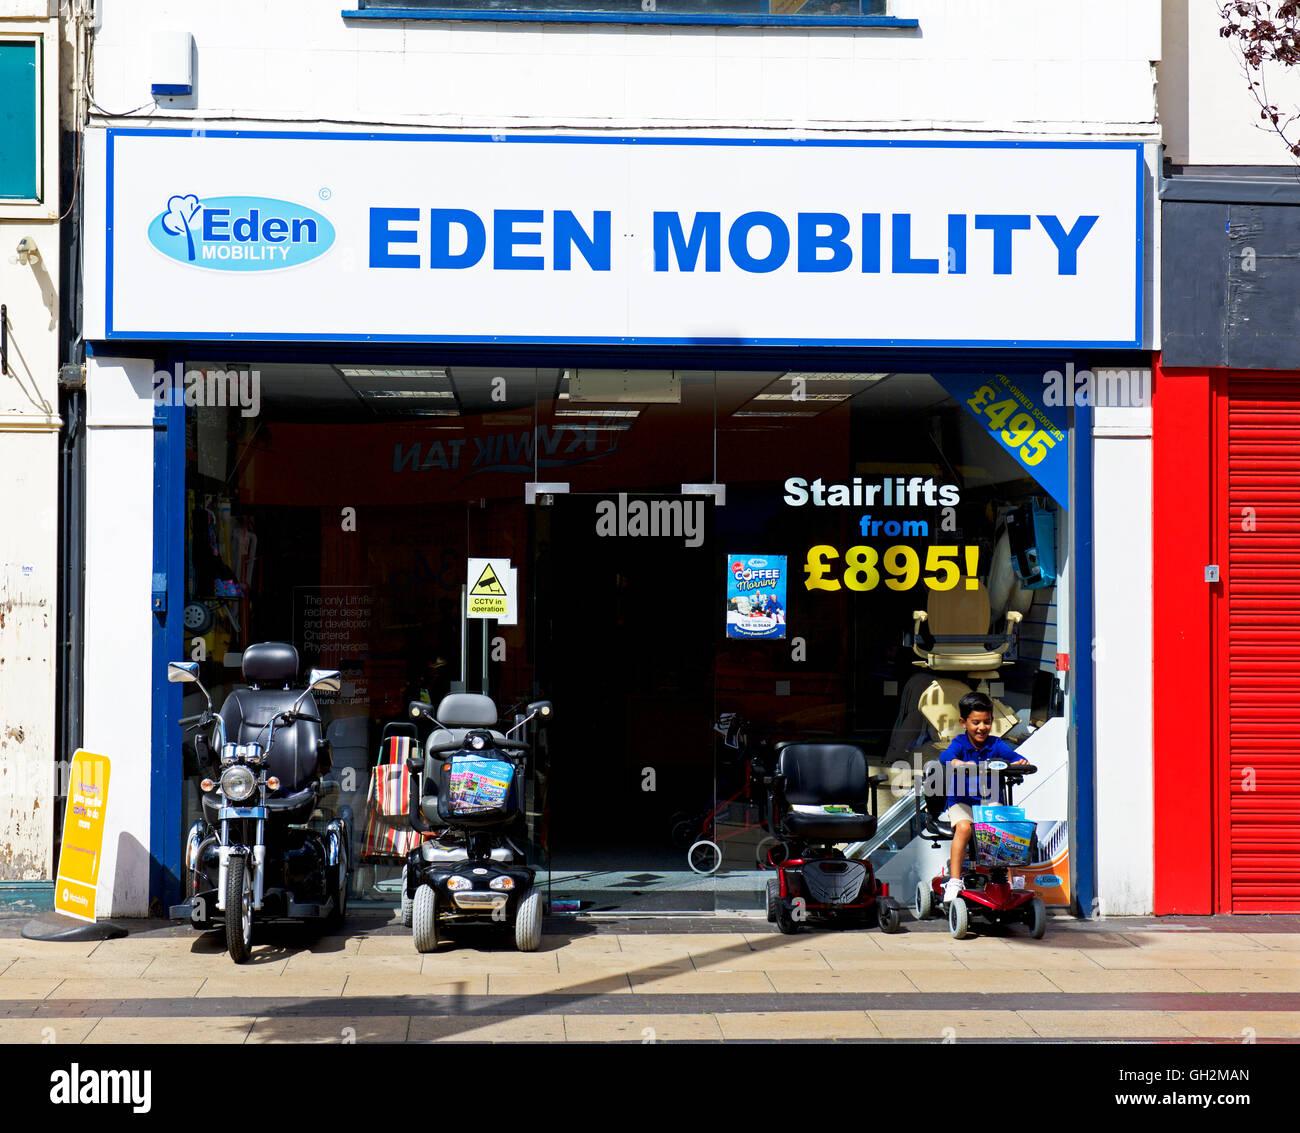 Shop - Eden Mobilità - vendita di mobility scooters, England Regno Unito Immagini Stock